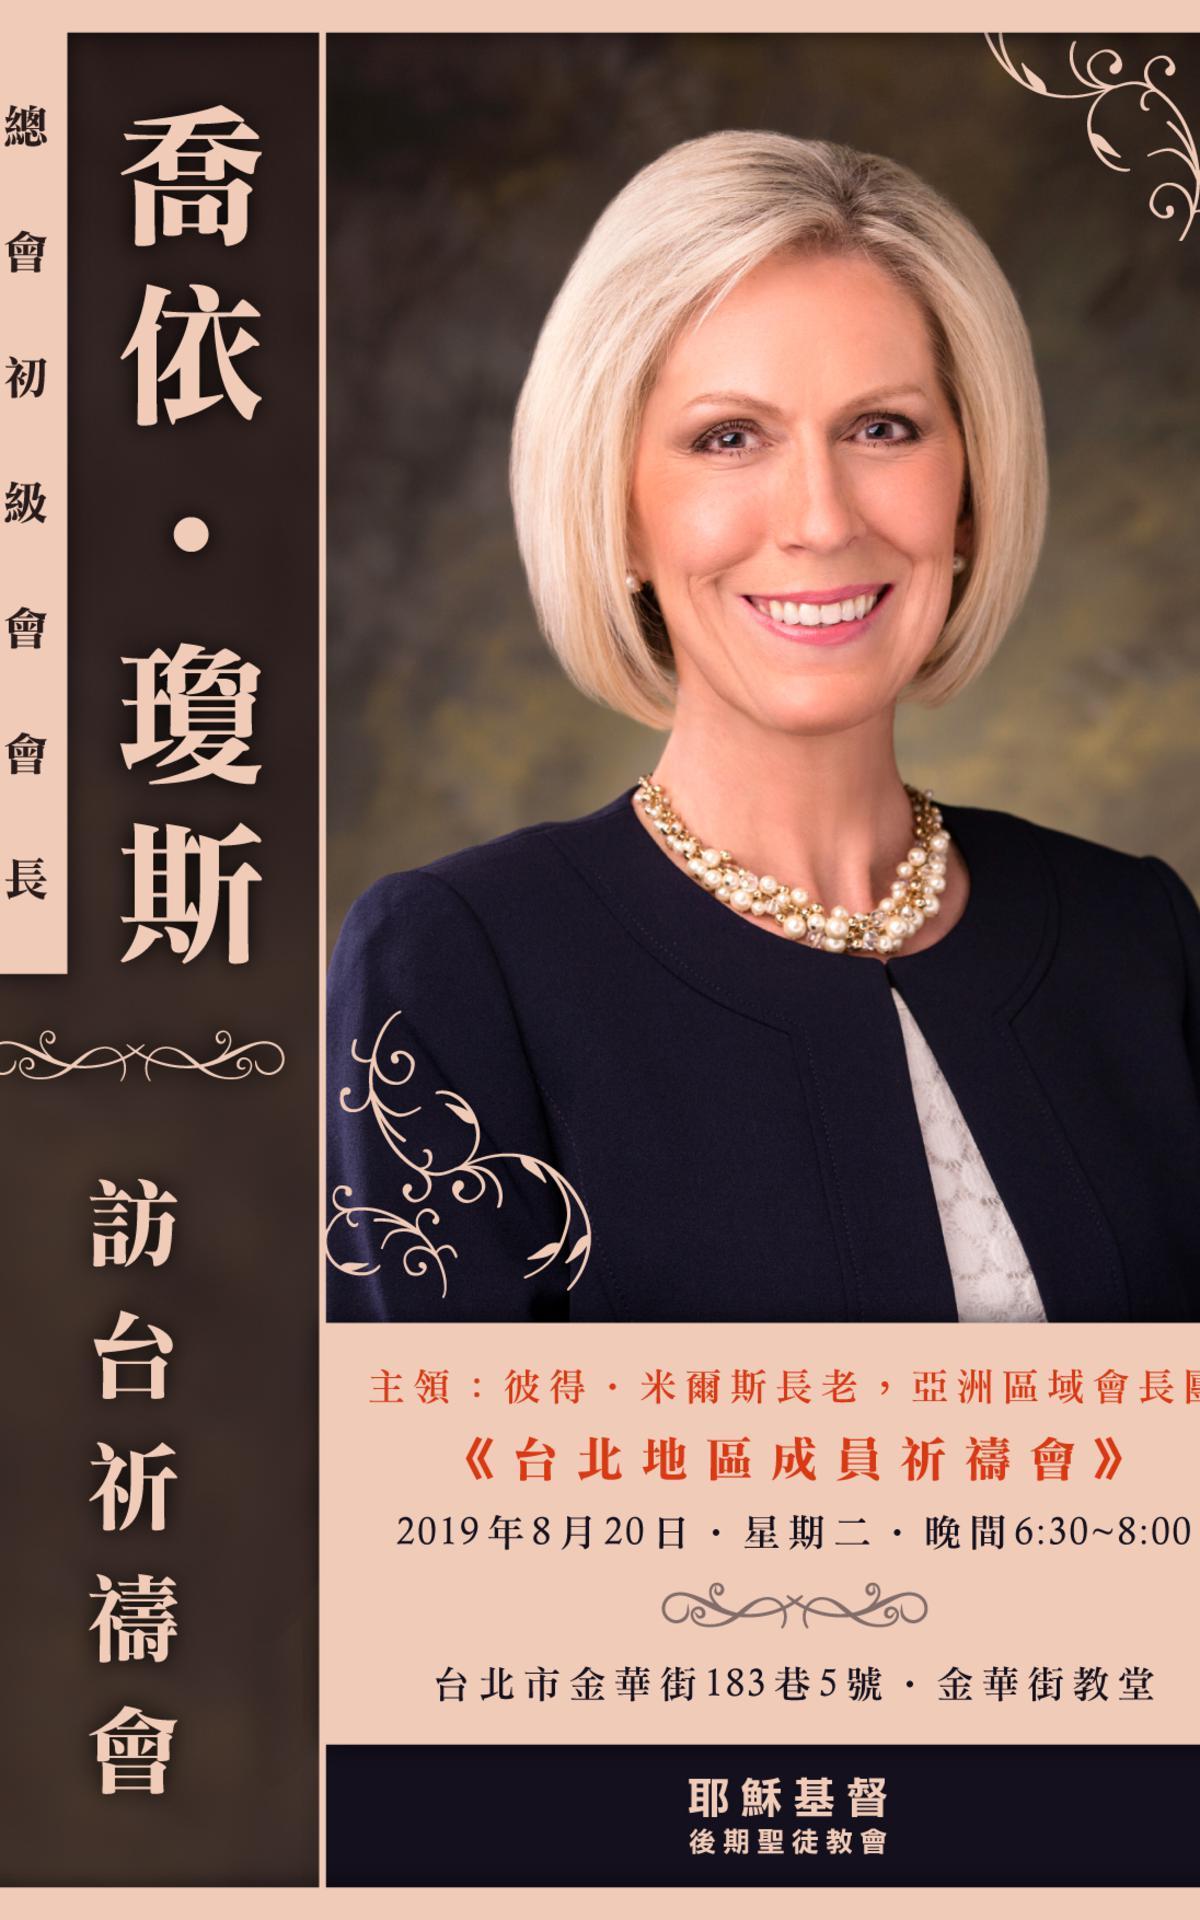 台北地區成員祈禱會 - 喬依·瓊斯姊妹 - 總會初級會會長